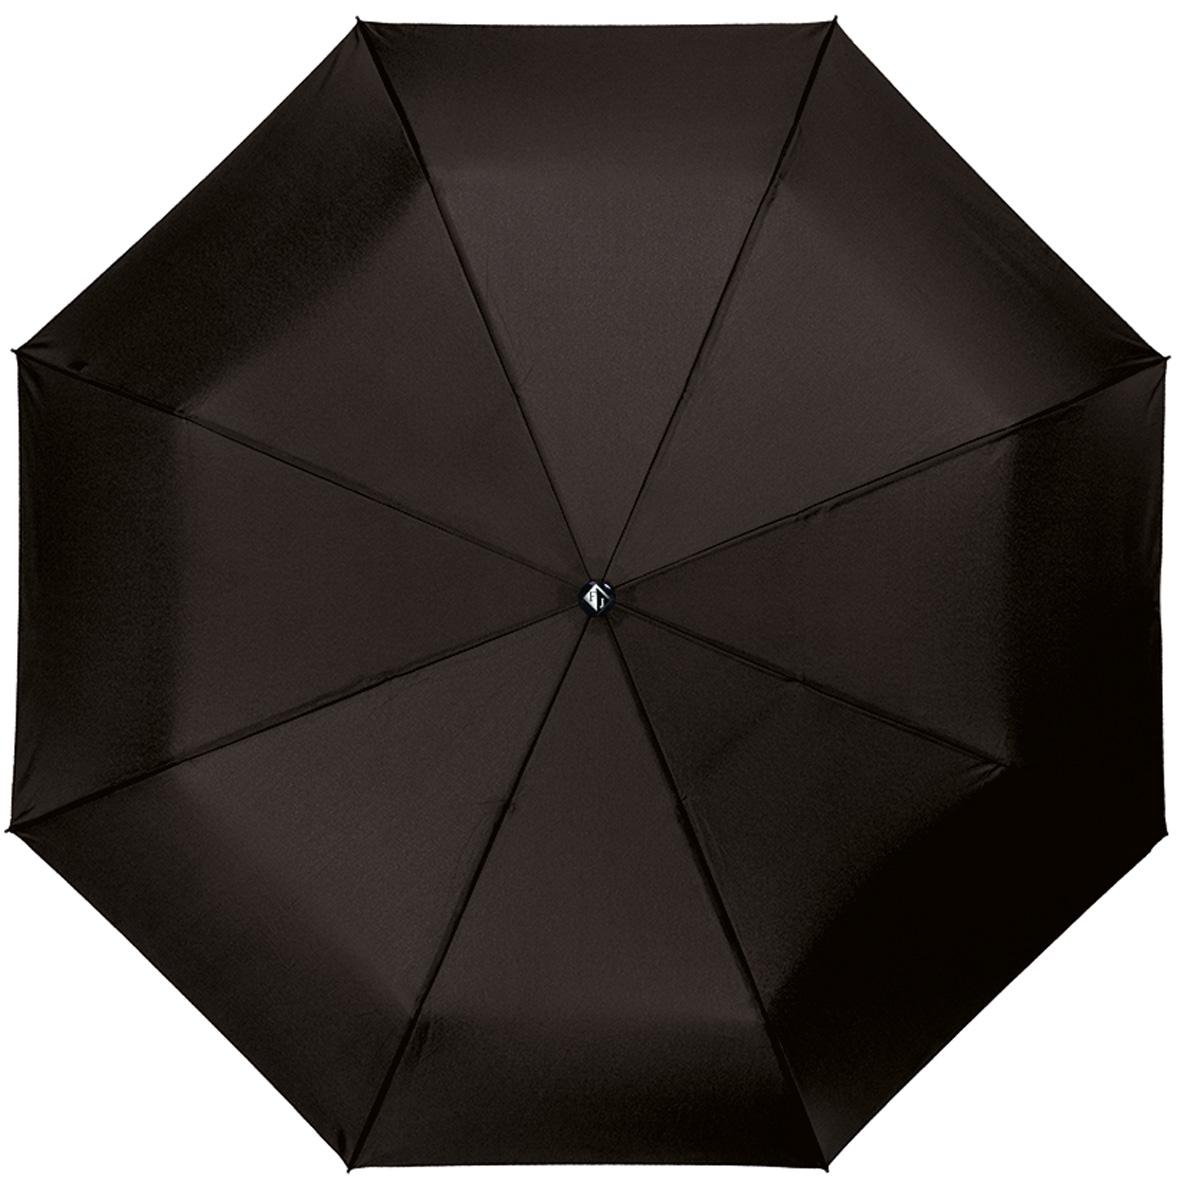 """Зонт мужской Flioraj Педант, автомат, 3 сложения, черный31002 FJИзысканный автоматический зонт Flioraj """"Педант"""" в 3 сложения отлично подойдет для ненастной погоды. Ветростойкий каркас зонта, изготовленный из анодированной стали, состоит из восьми спиц и прочного стержня. Купол зонта с тефлоновой пропиткой выполнен из полиэстера и исполнен в лаконичном стиле. Модель оснащена рукояткой из металла и натуральной кожи, оформленной декоративными внешними швами. Зонт имеет полный автоматический механизм сложения: купол открывается и закрывается нажатием кнопки на рукоятке, стержень складывается вручную до характерного щелчка. Благодаря этому открыть и закрыть зонт можно одной рукой, что чрезвычайно удобно при входе в транспорт или помещение. Модель закрывается при помощи хлястика на кнопку. К зонту прилагается чехол. Стильный зонт - незаменимая вещь в гардеробе каждого мужчины. Он не только надежно защитит от дождя, но и прекрасно дополнит ваш элегантный образ."""